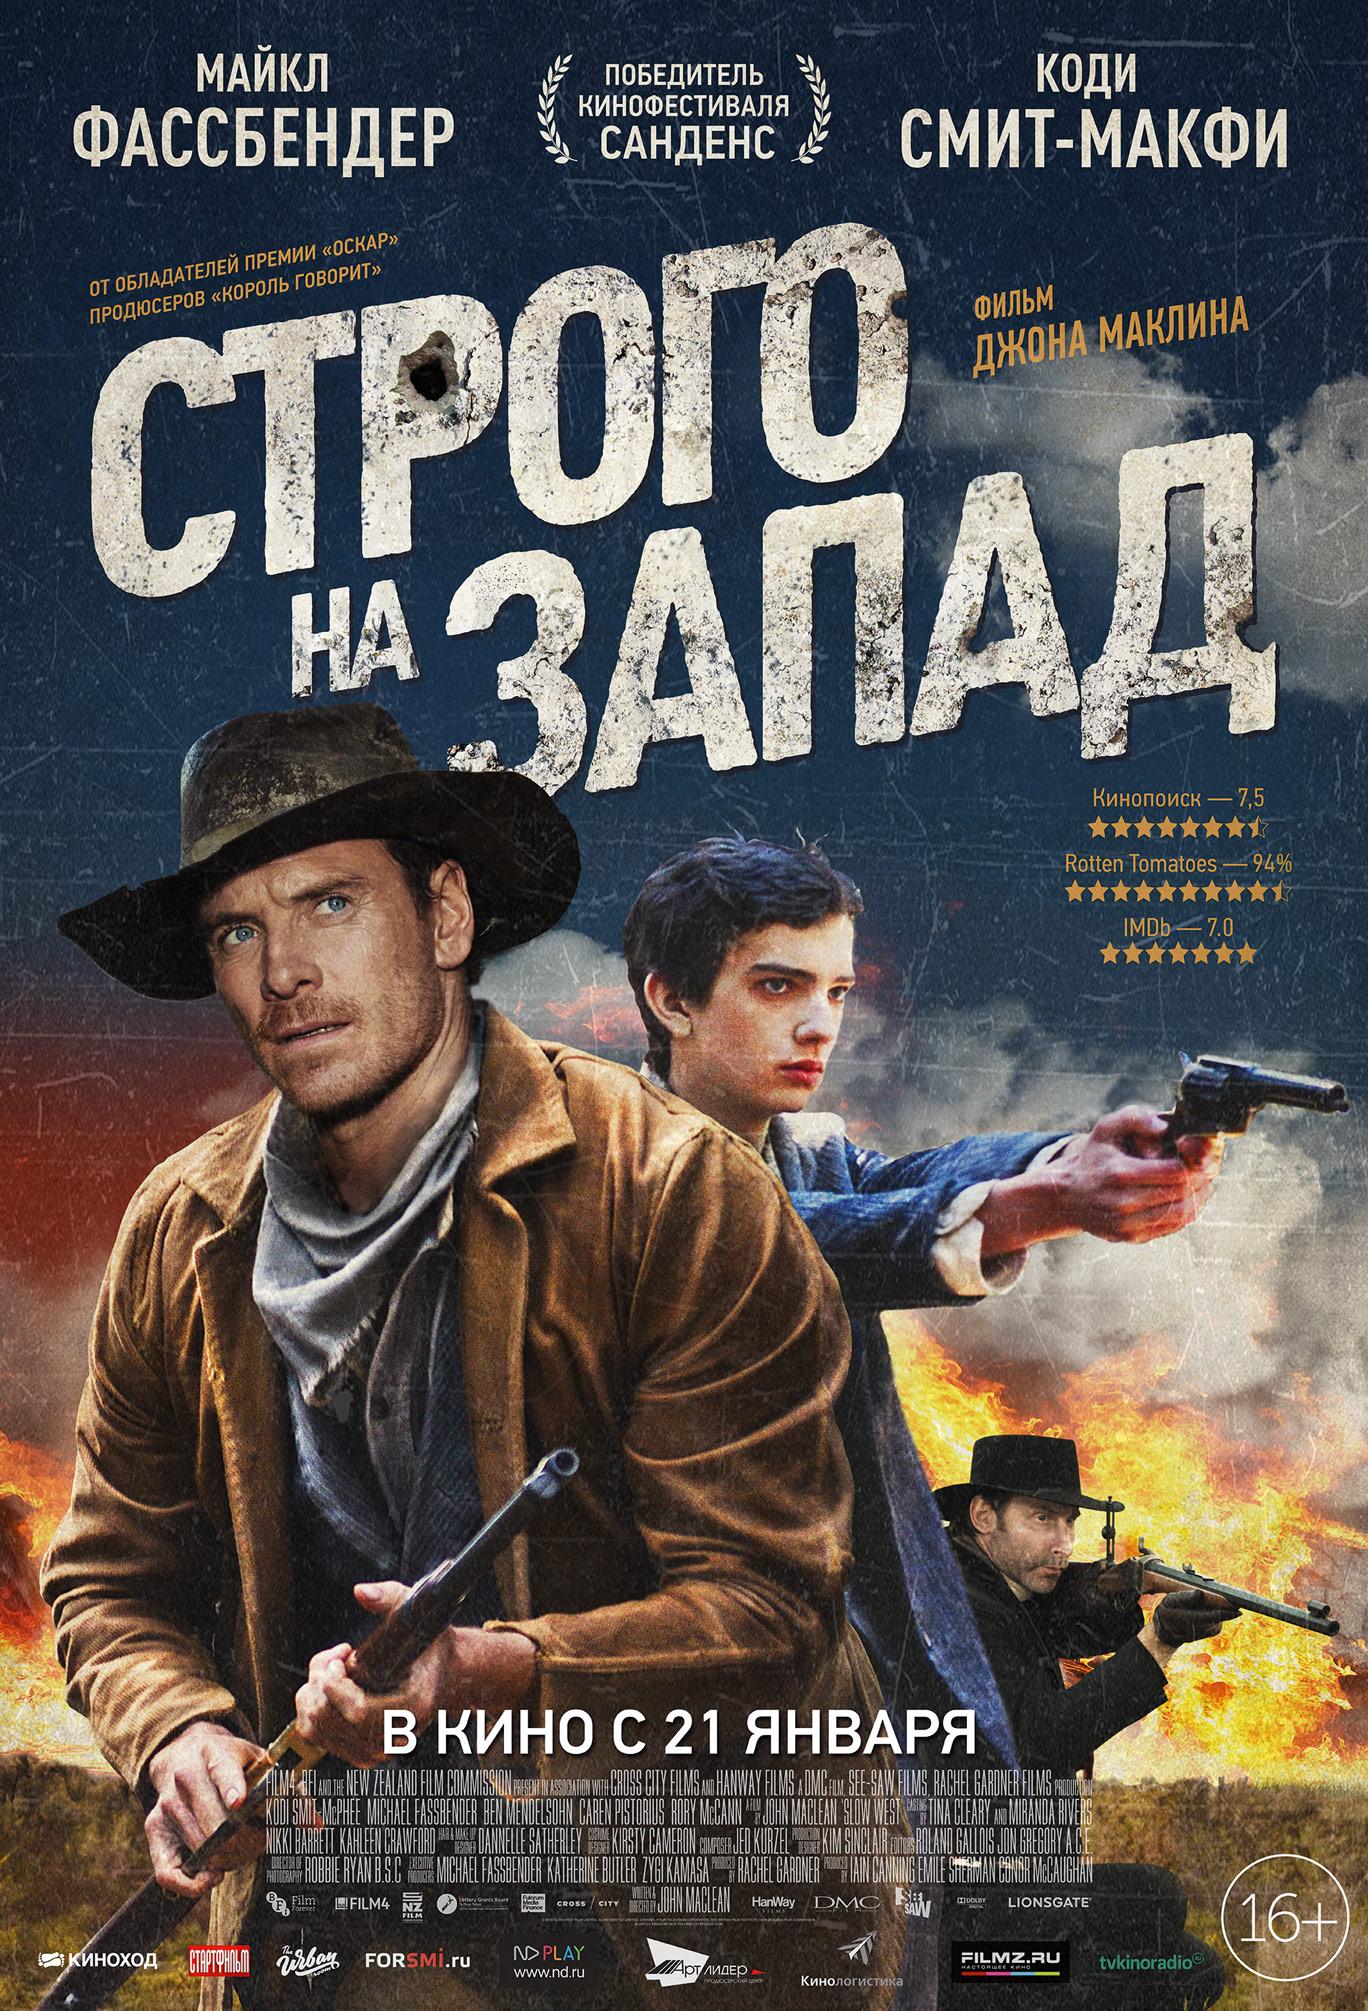 filmi-onlayn-vesterni-horoshego-kachestva